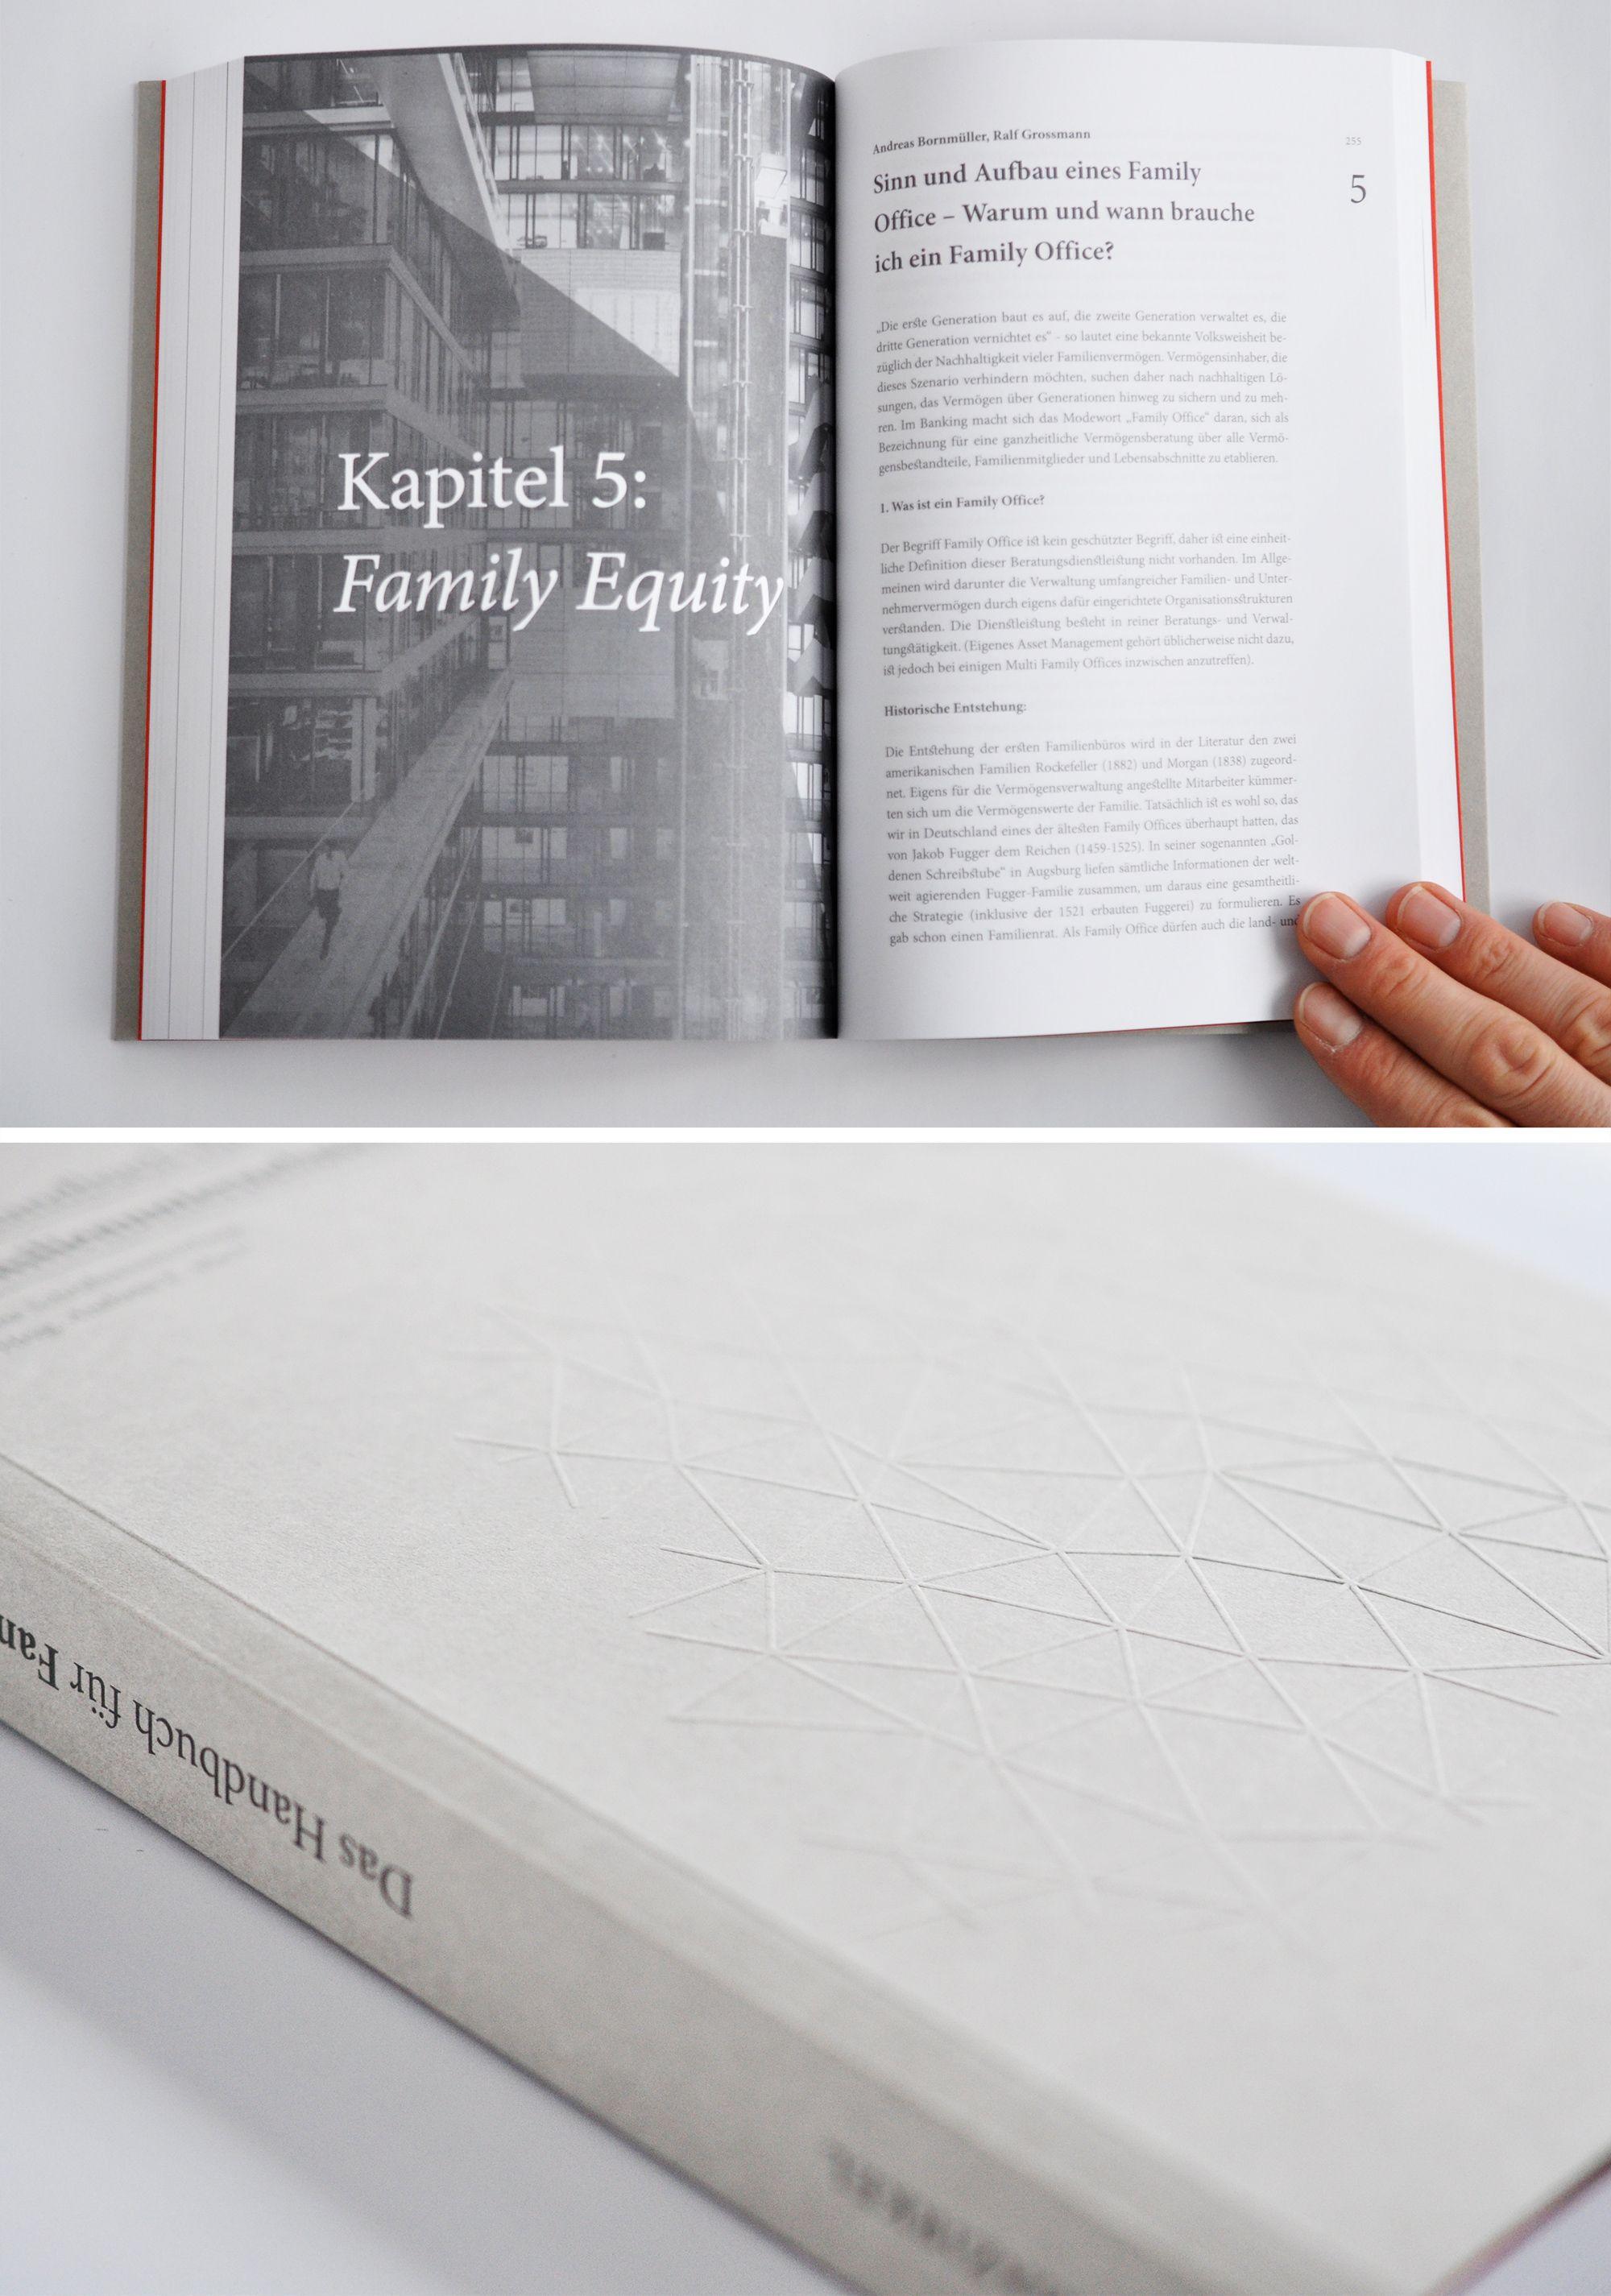 Az Buch Offen 02